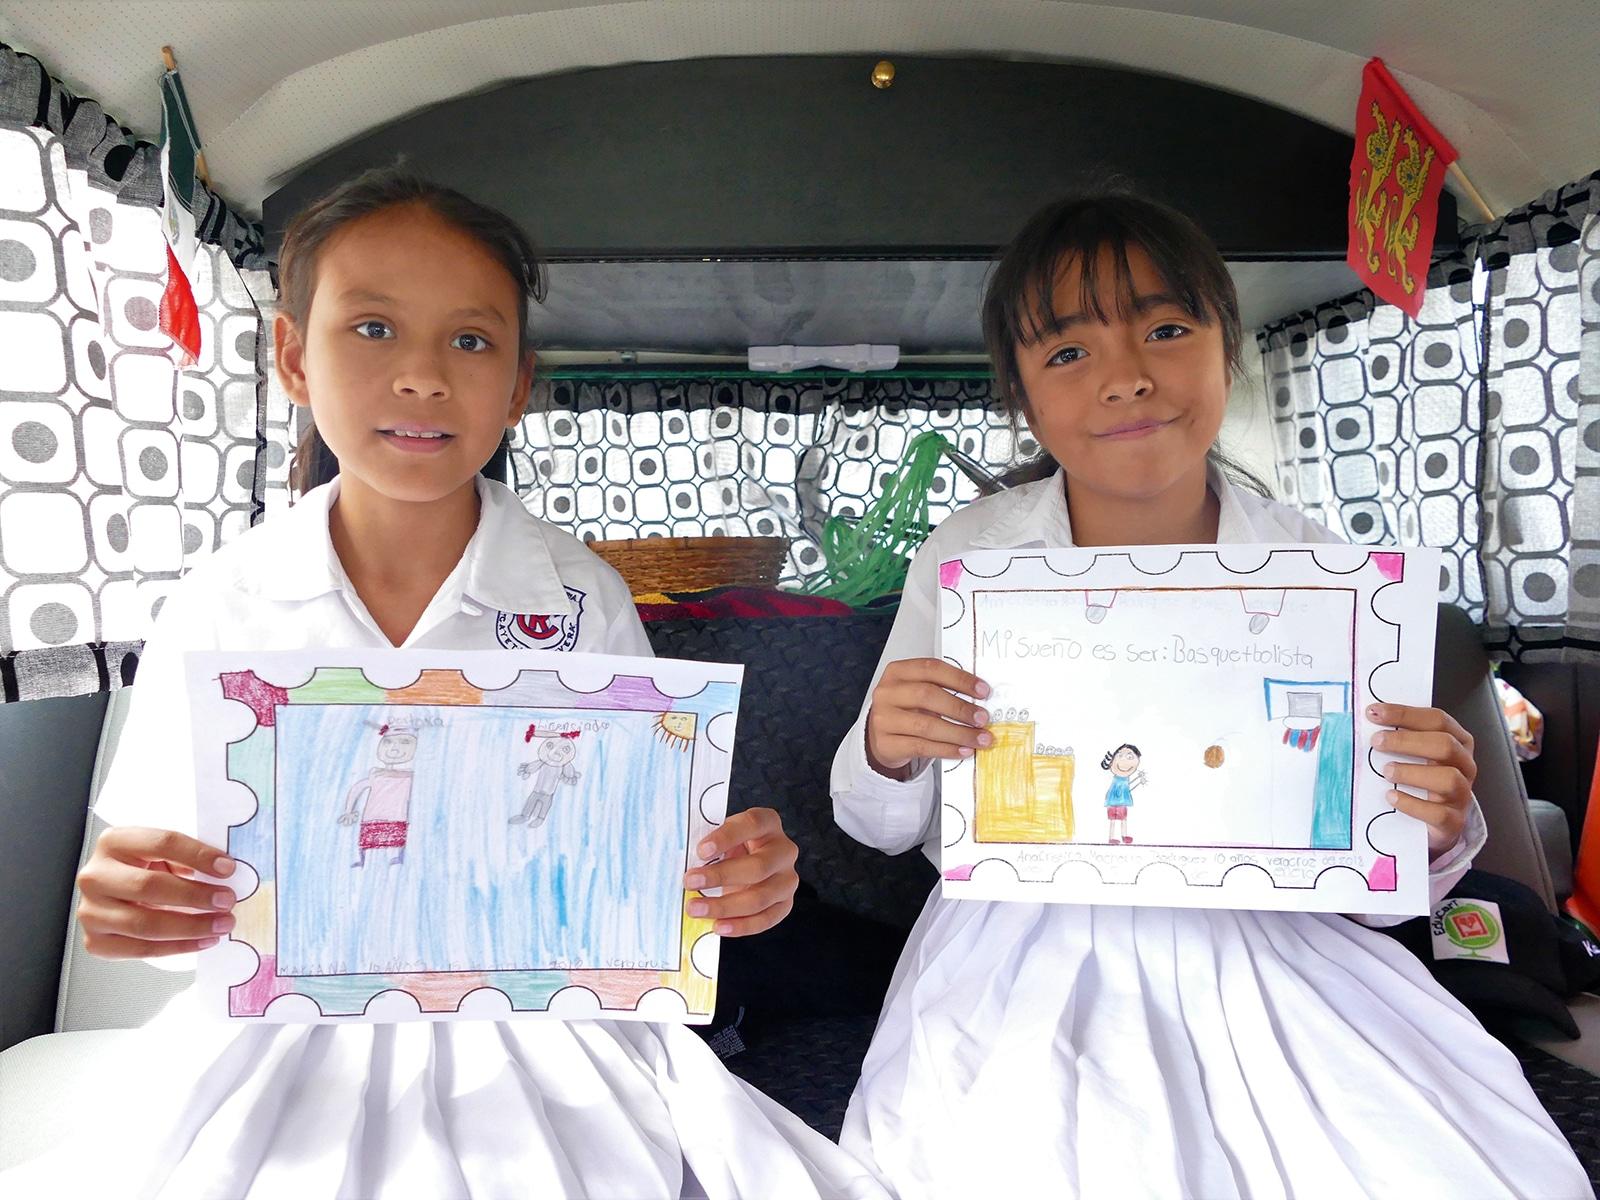 Deux jeunes mexicaines expliquent leur dessin en vidéo